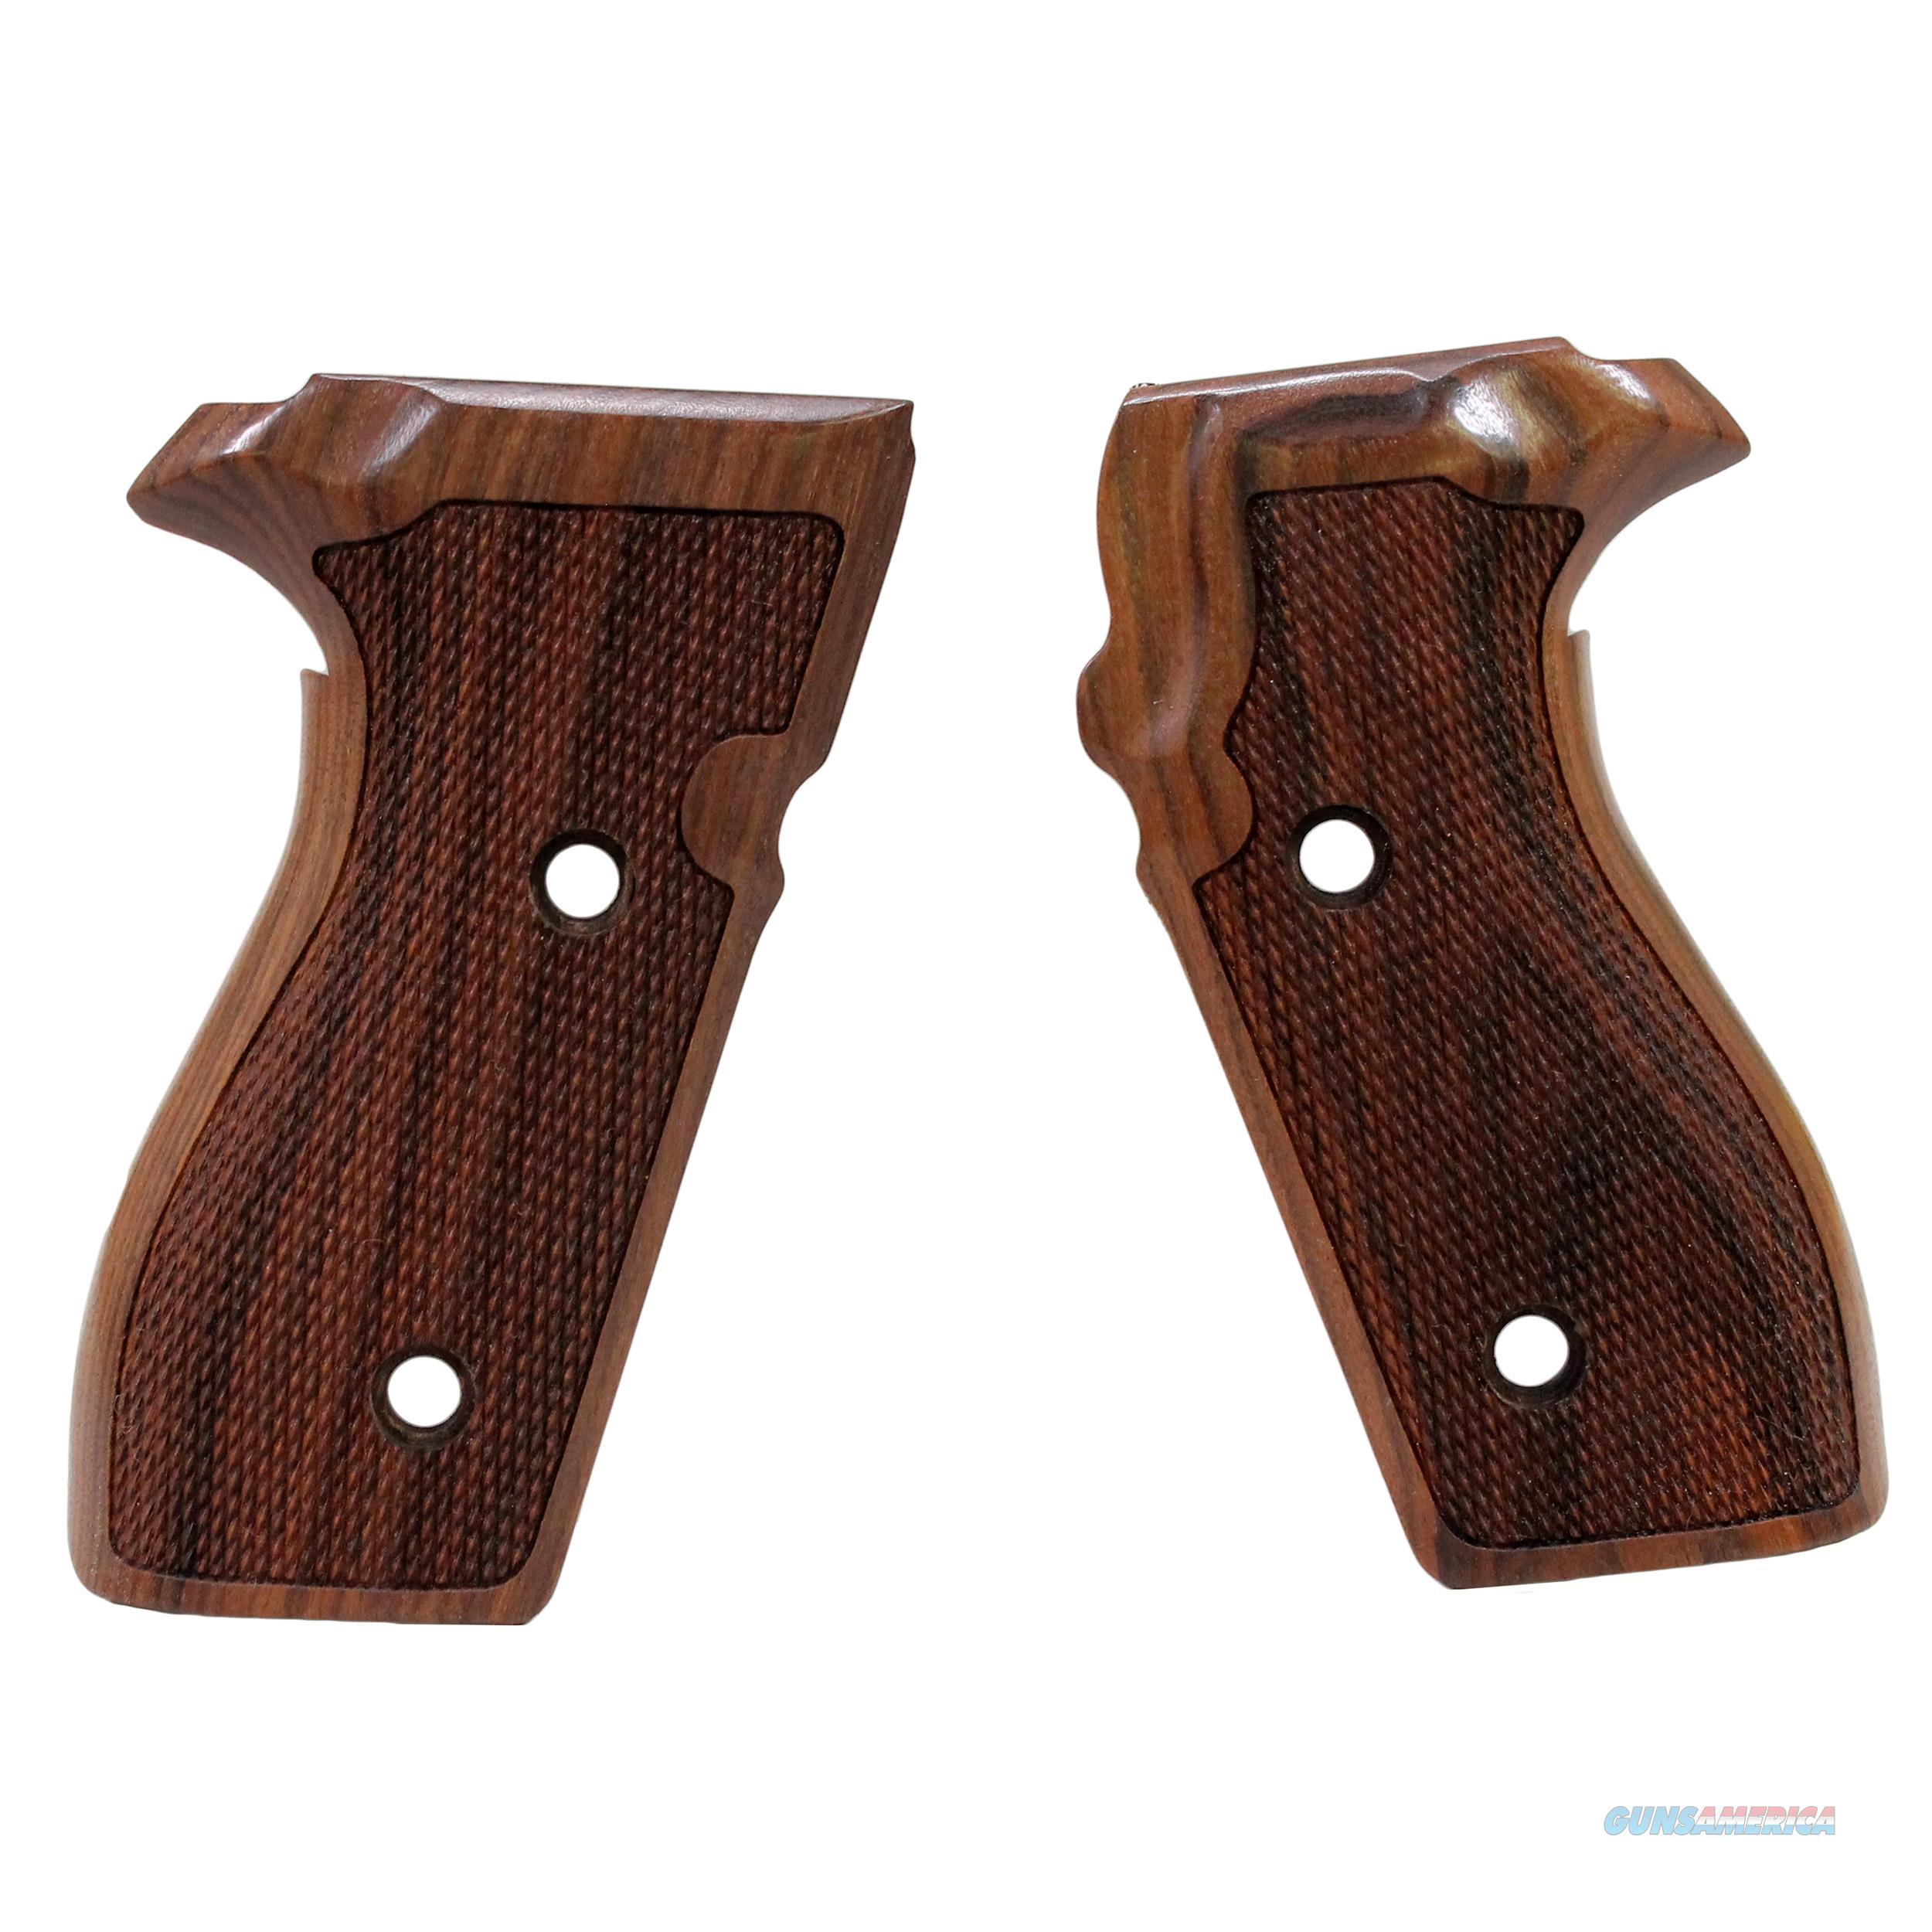 Hogue Sig P227 Da/Sa Grips 47361  Non-Guns > Gunstocks, Grips & Wood